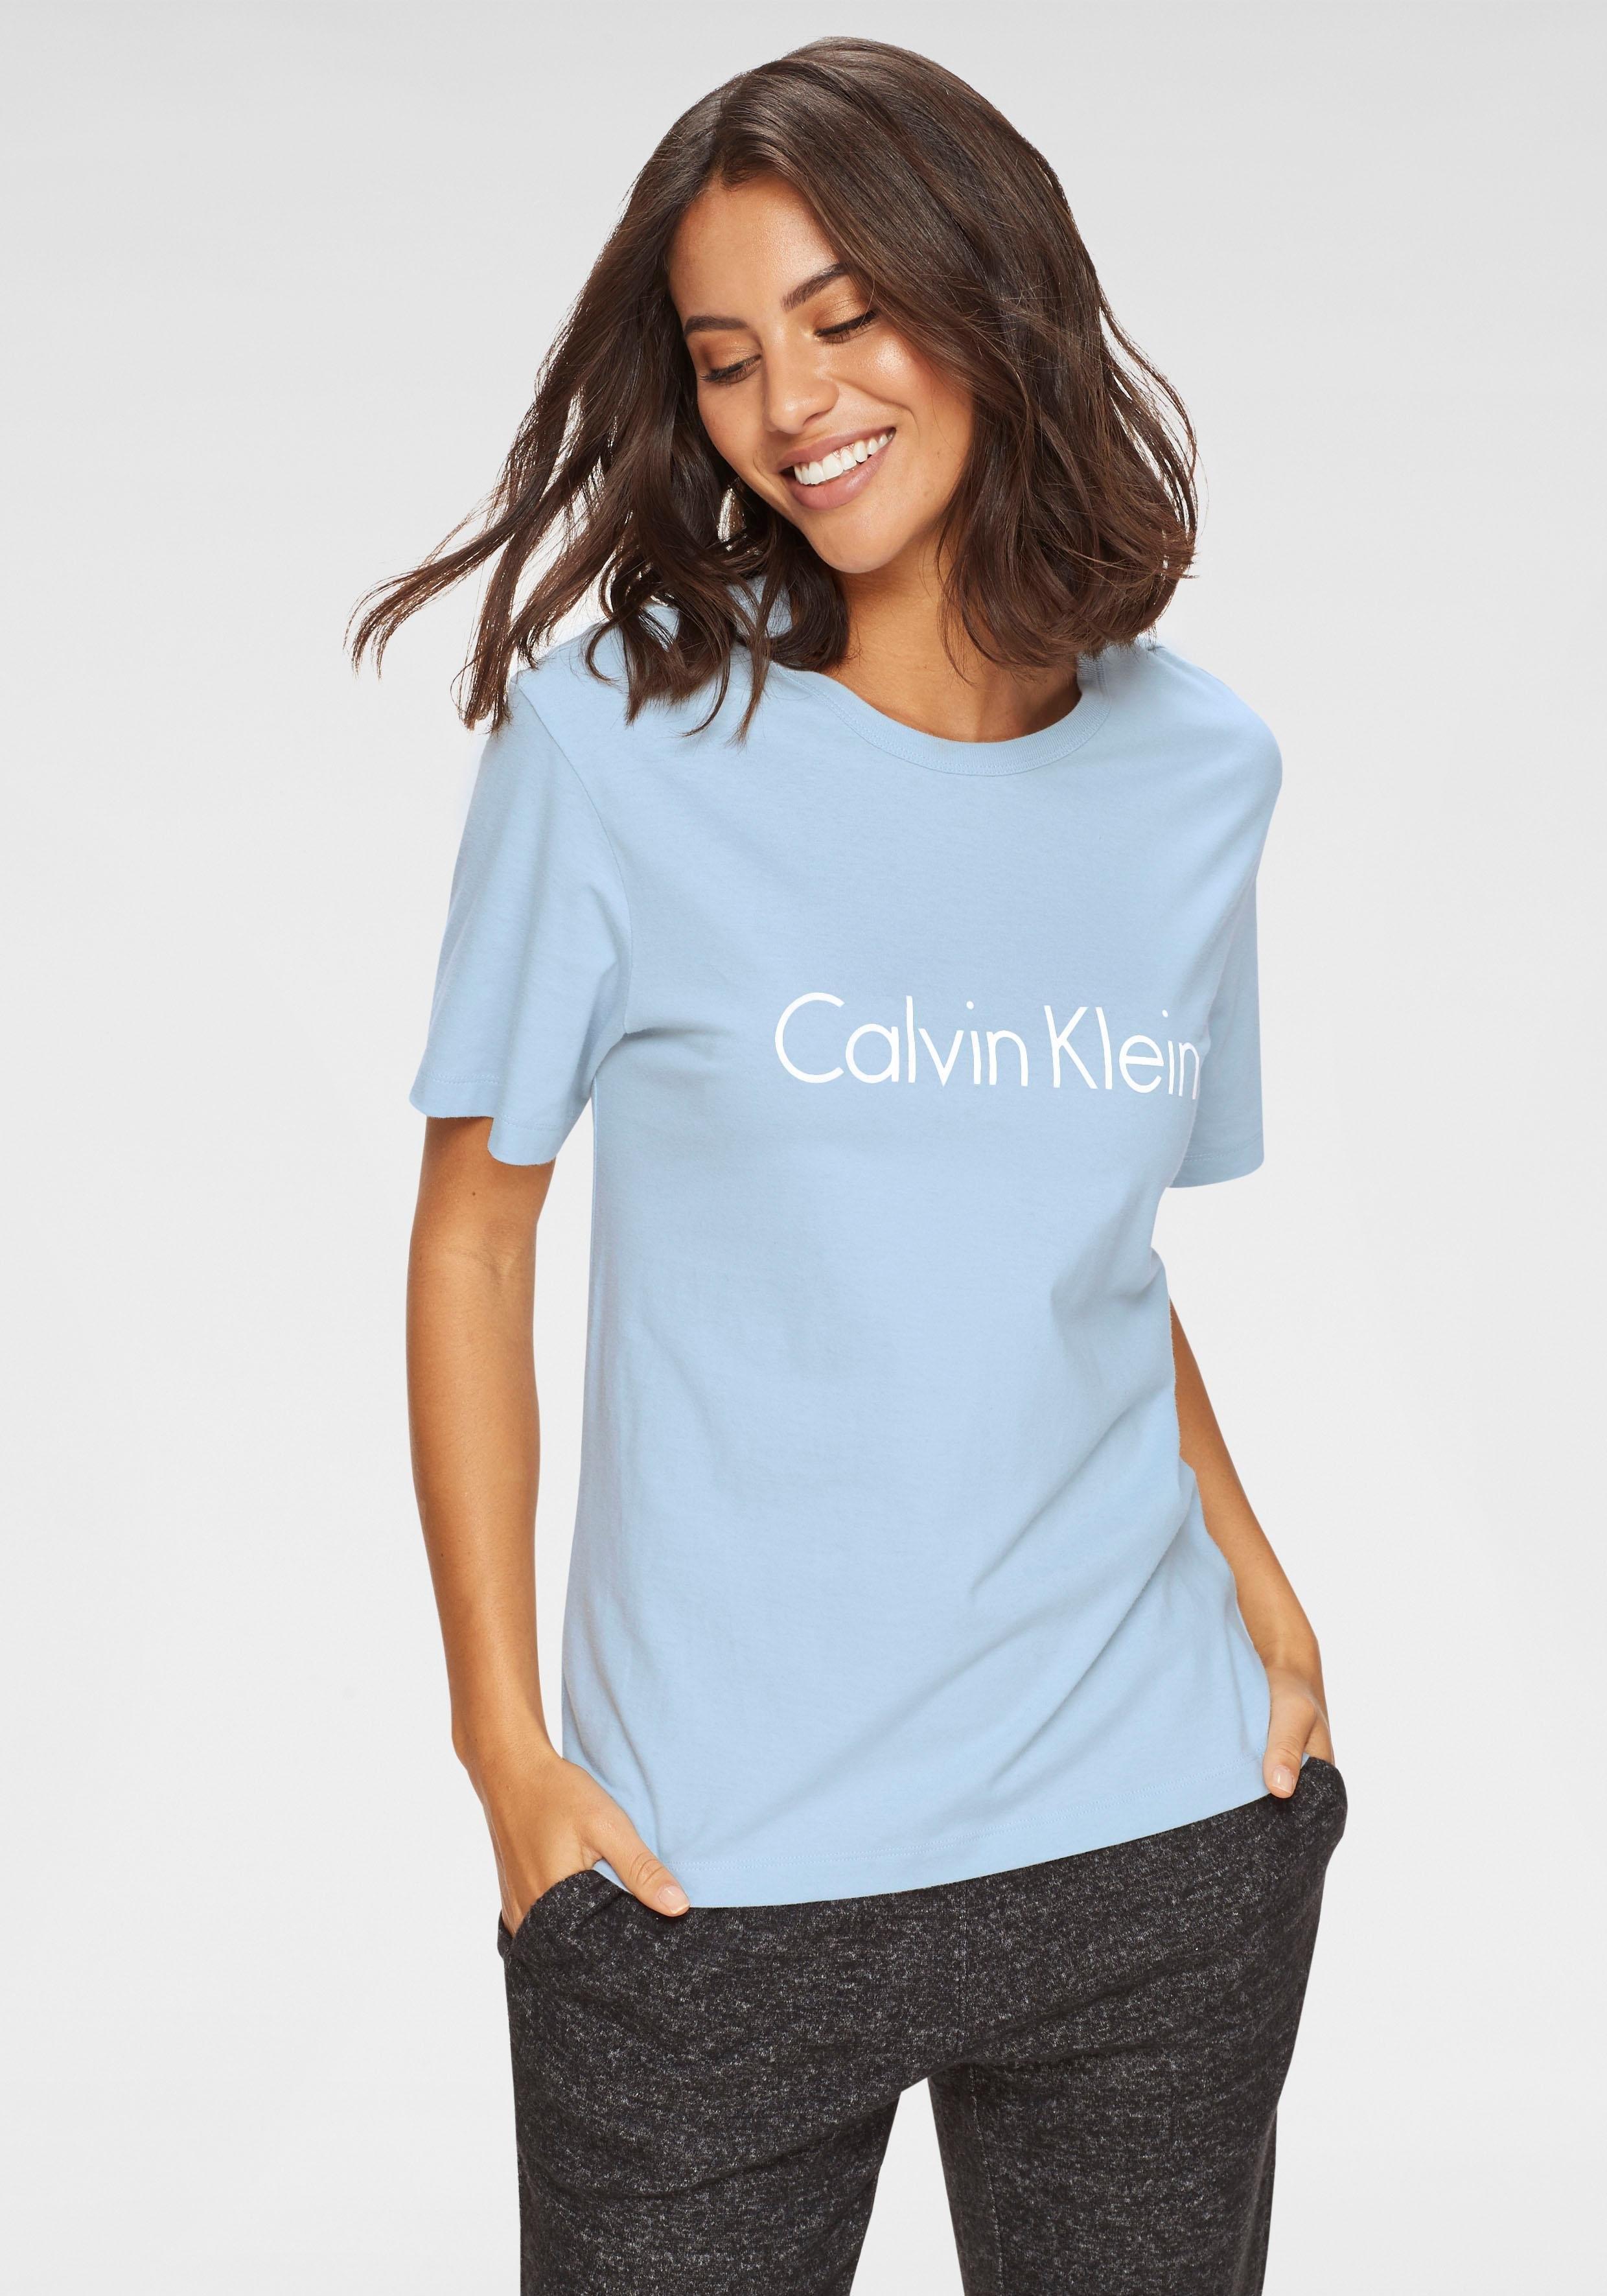 Calvin Klein T-shirt veilig op lascana.nl kopen